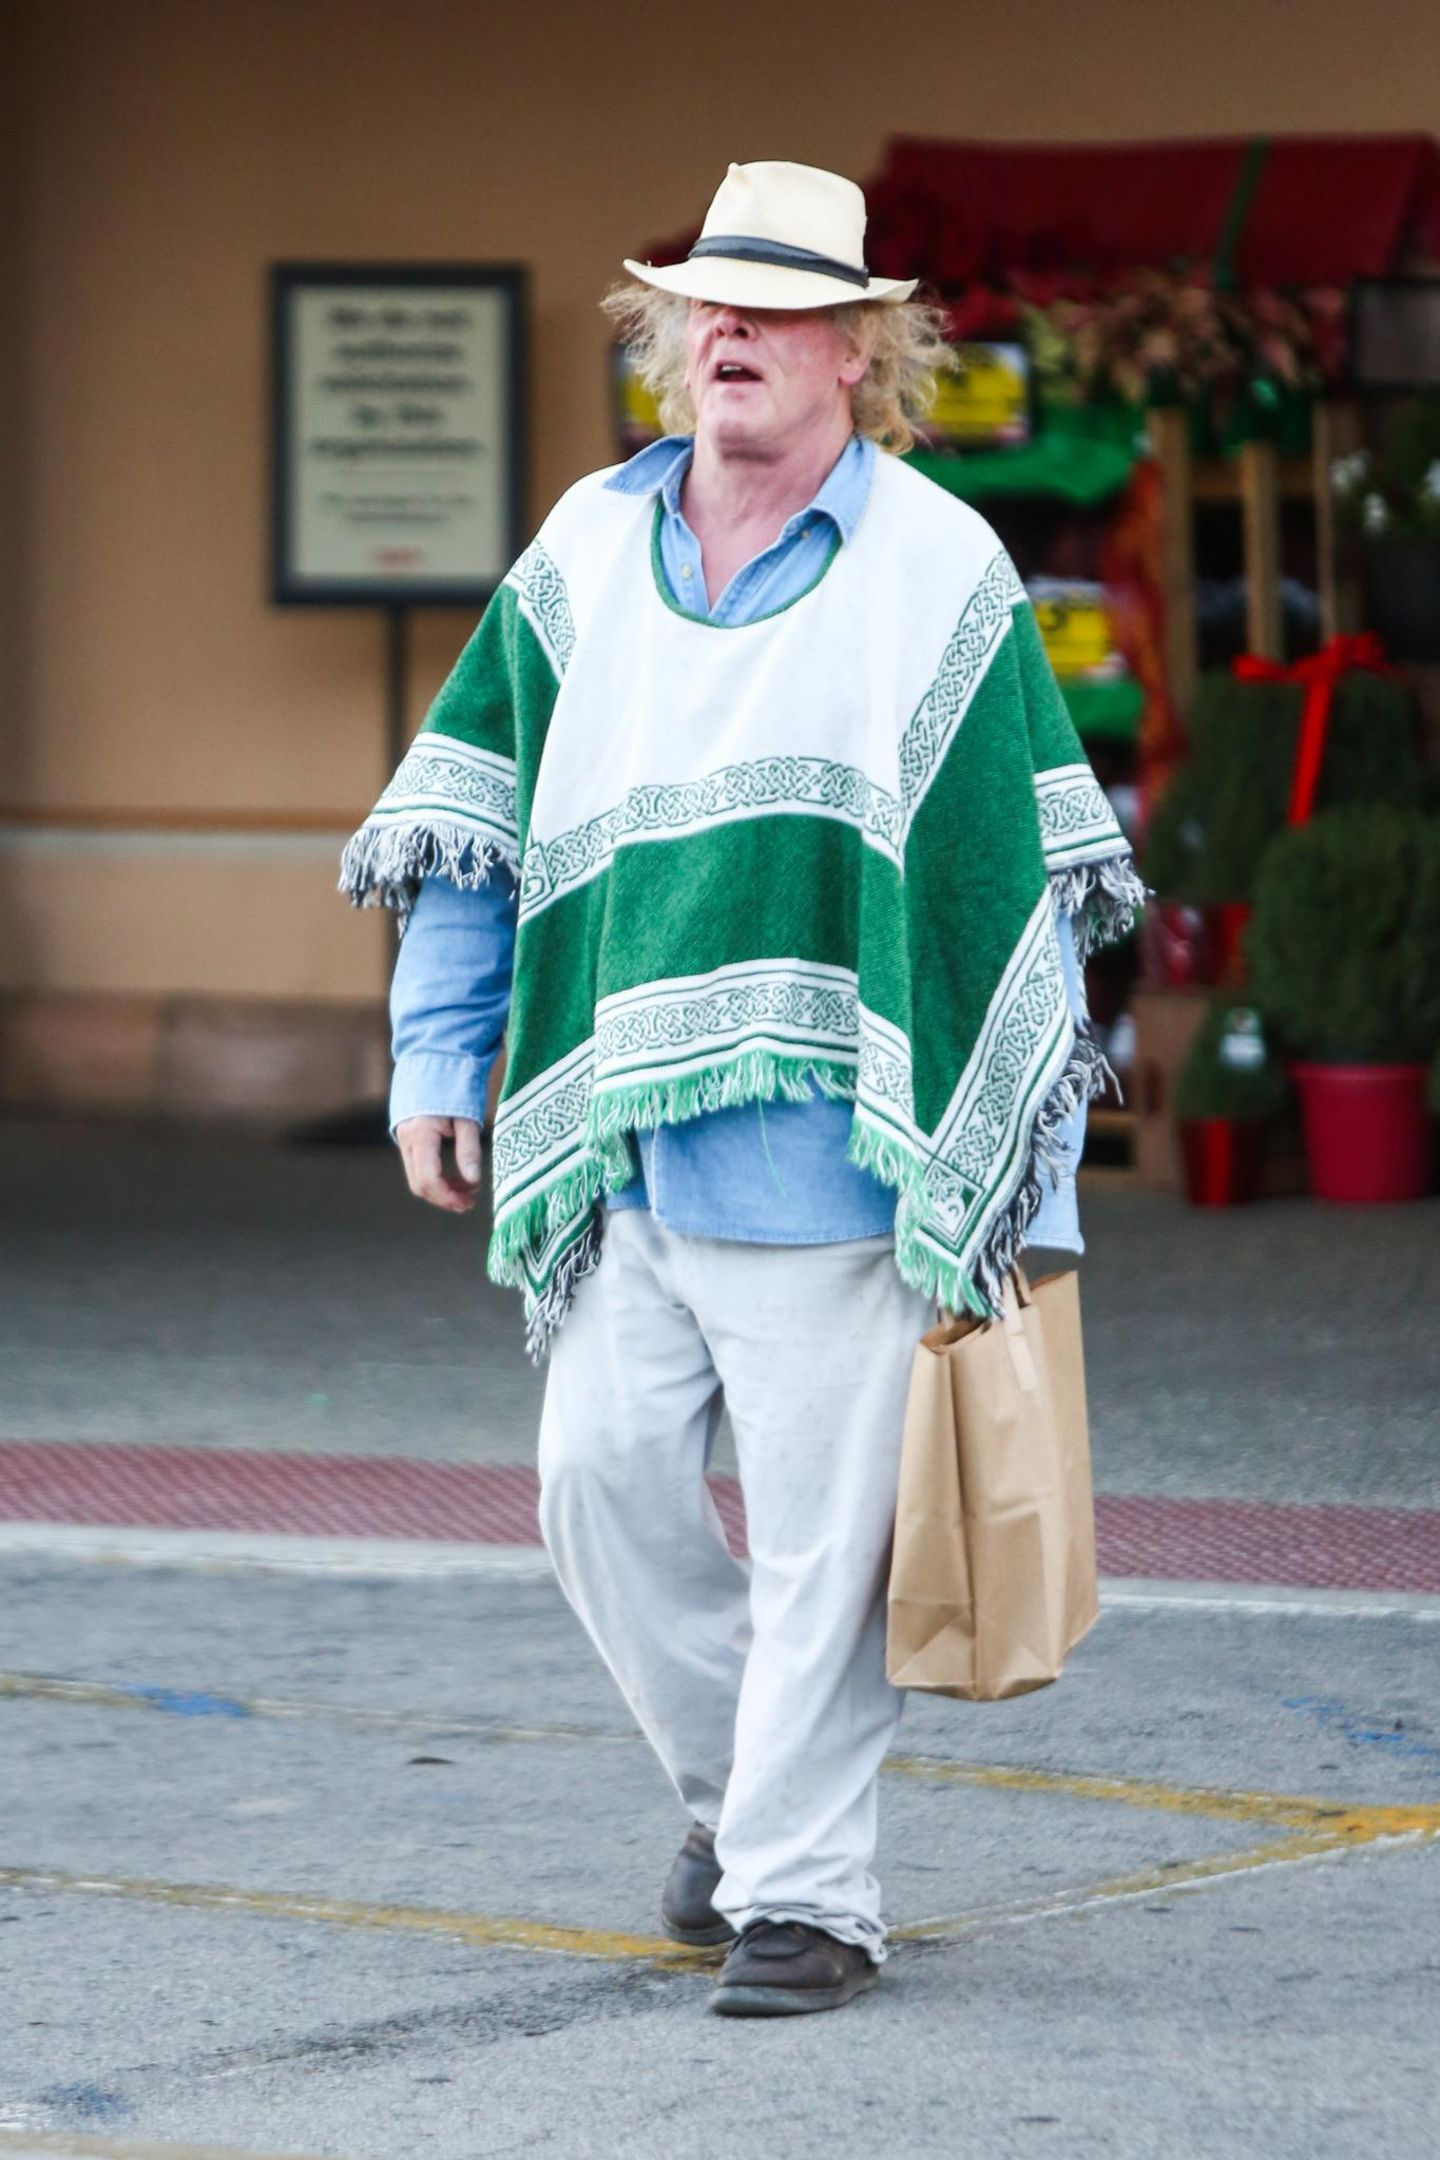 23. November 2013: Mit seinem Poncho und dem Hut fällt Nick Nolte beim Einkaufen in Malibu auf.